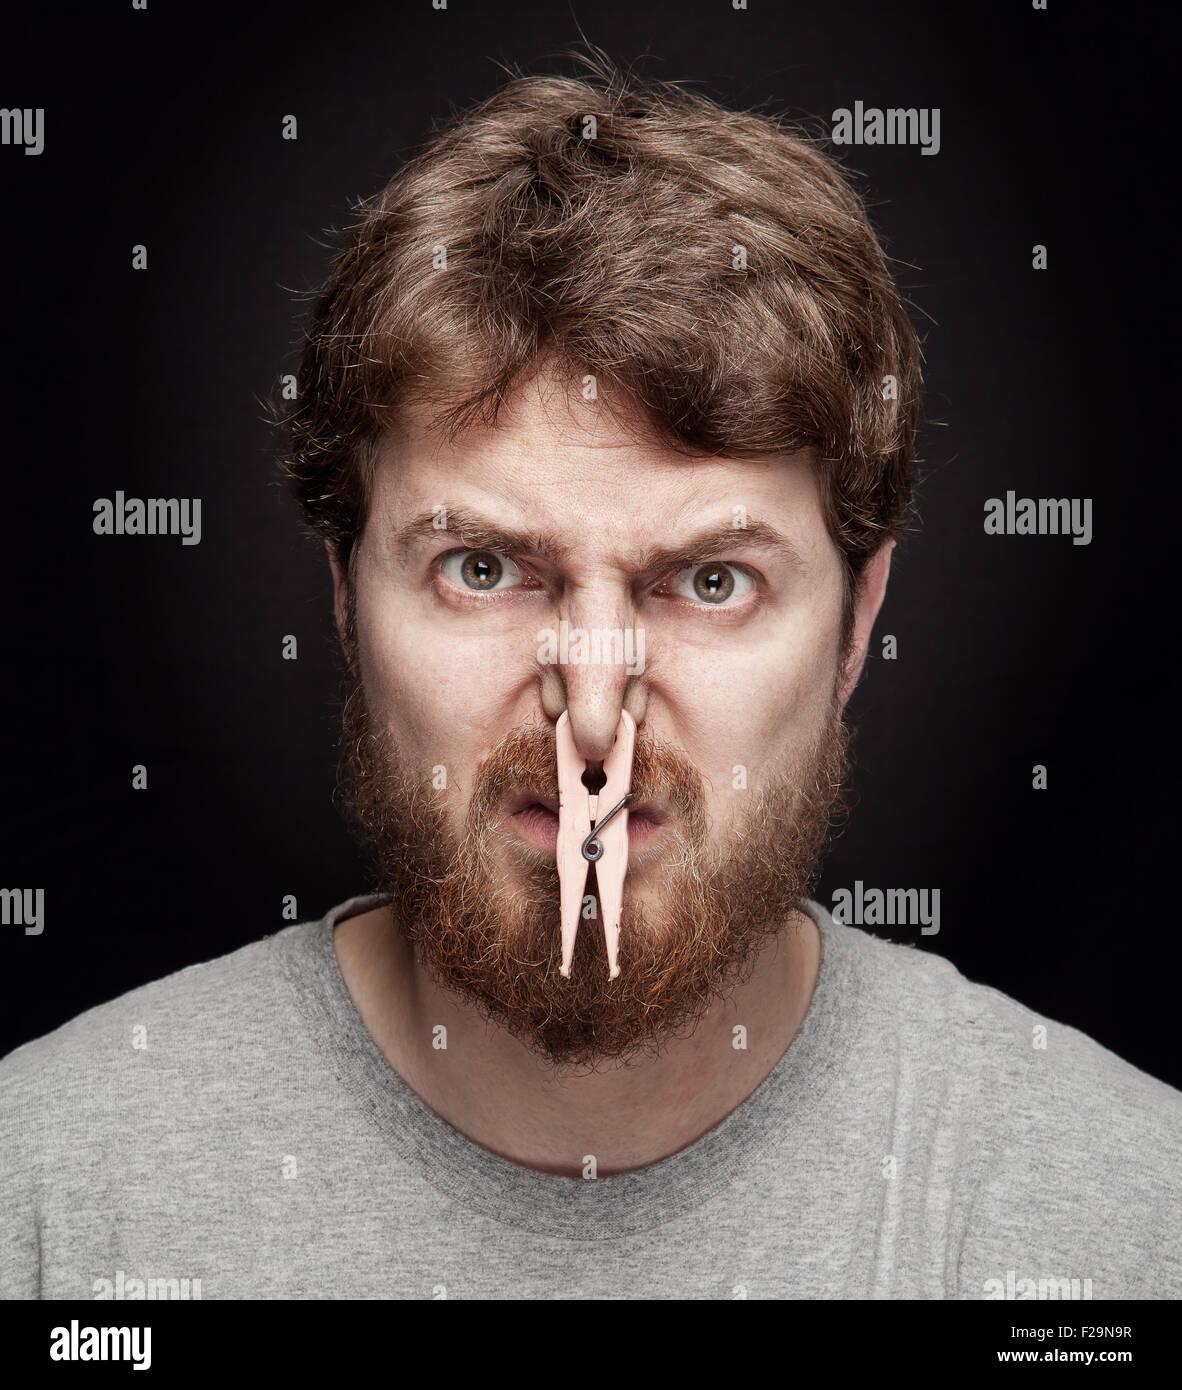 Schlechter Geruch Konzept - Pflock auf männliche Nasenlöcher über schwarz Stockbild